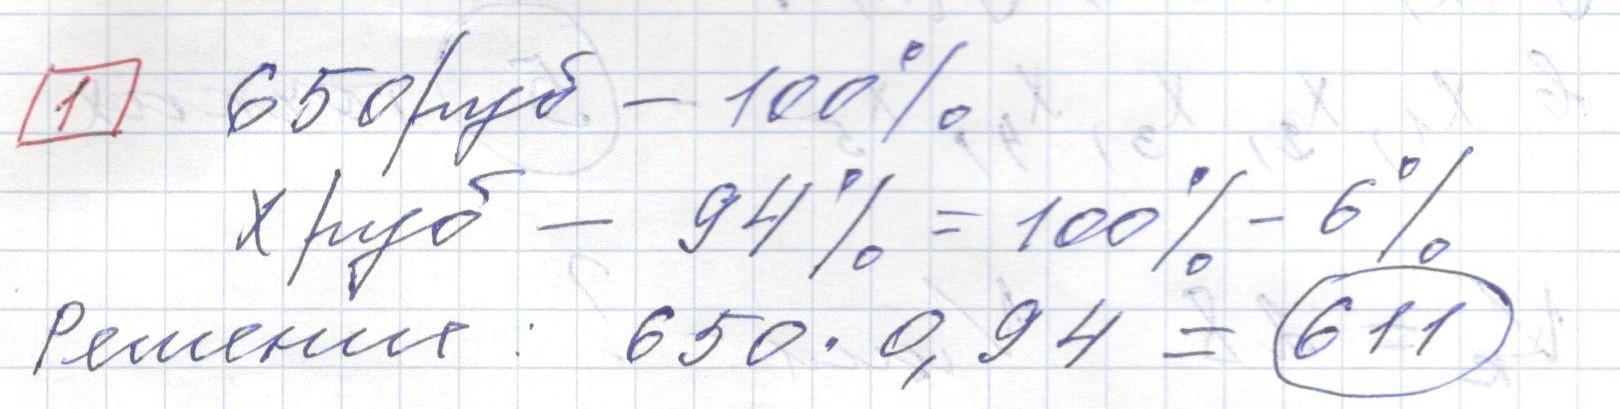 Задние 1, Вариант 1 решение и ответ - Ященко ЕГЭ 2018 математика профиль 36 вариантов